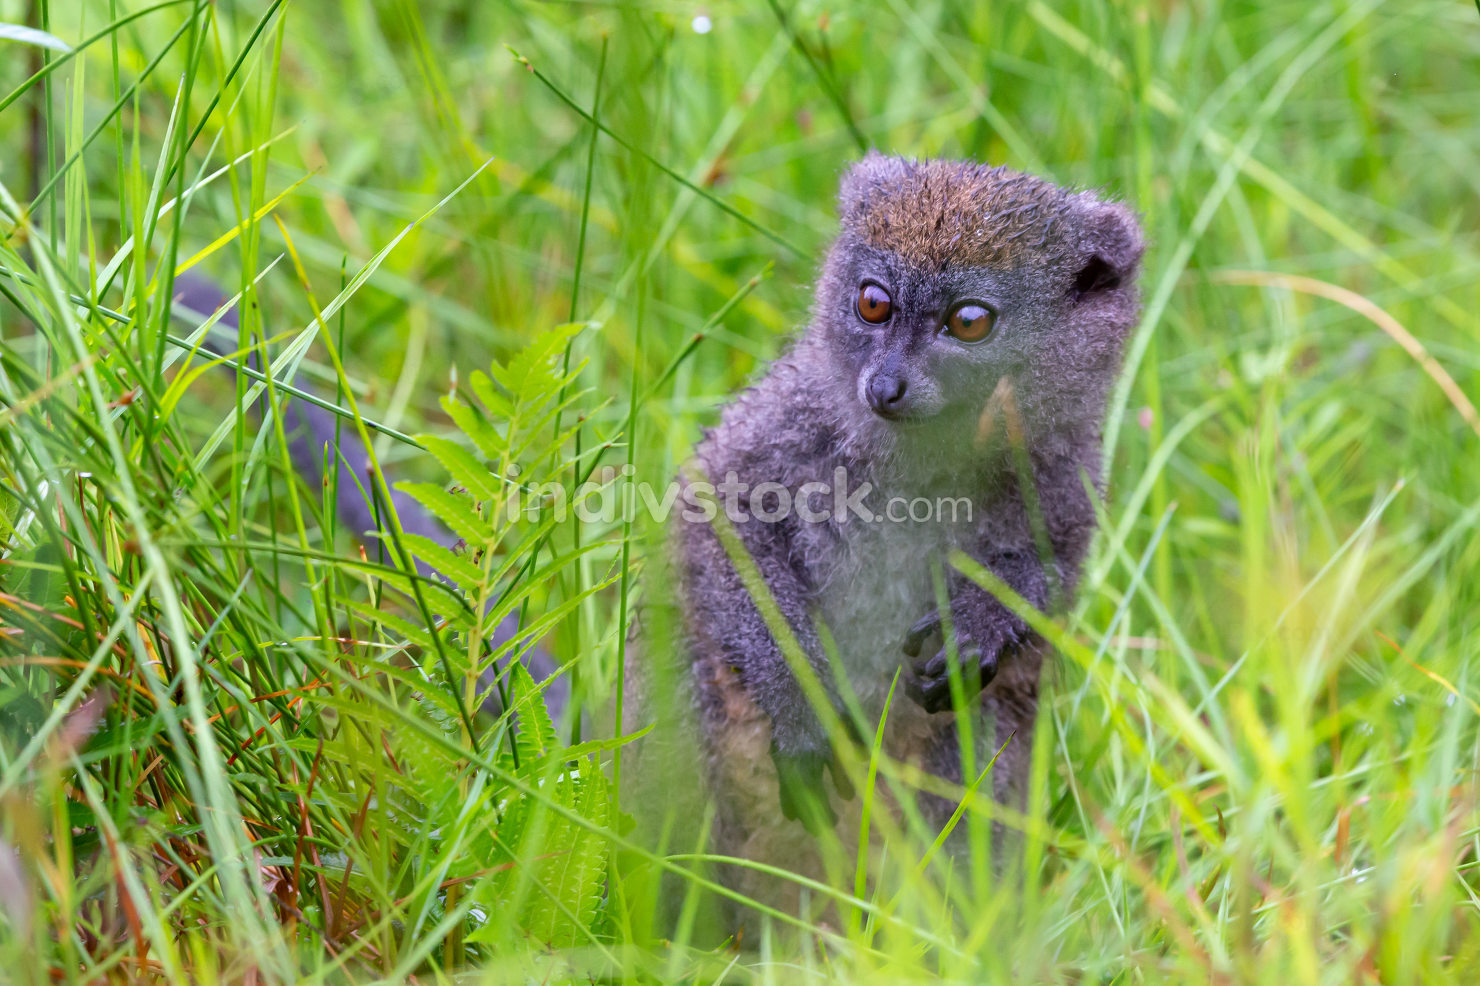 A bamboo lemur between the tall grass looks curious